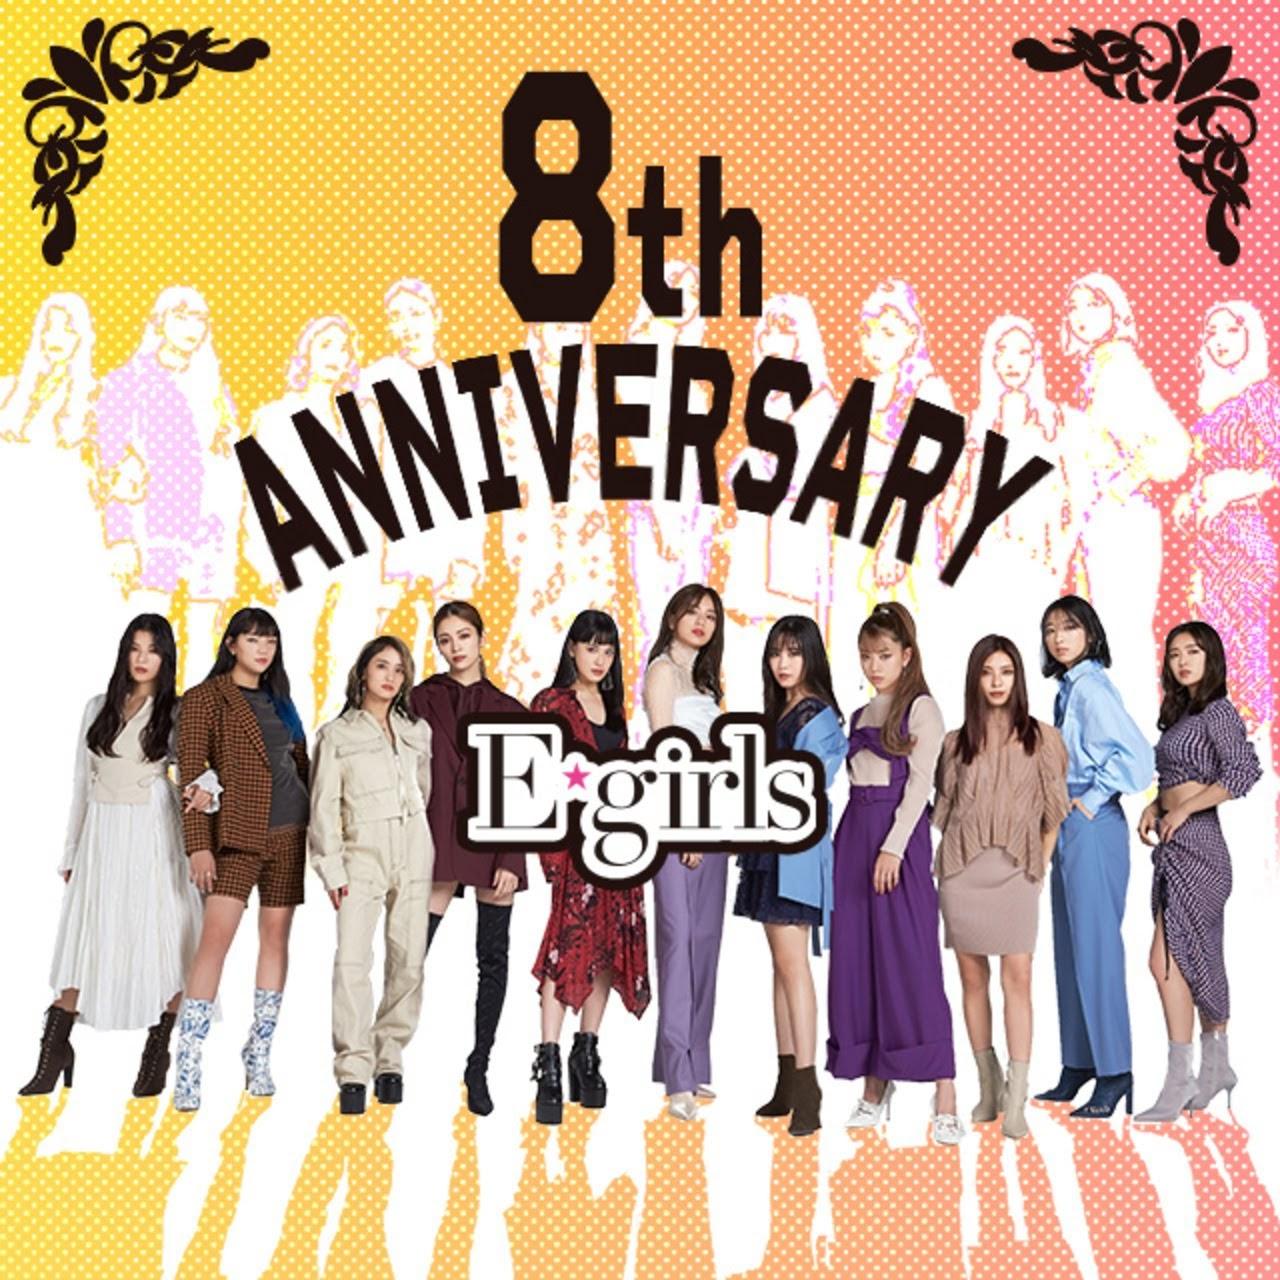 Feliz Aniversário para o E-girls!!!